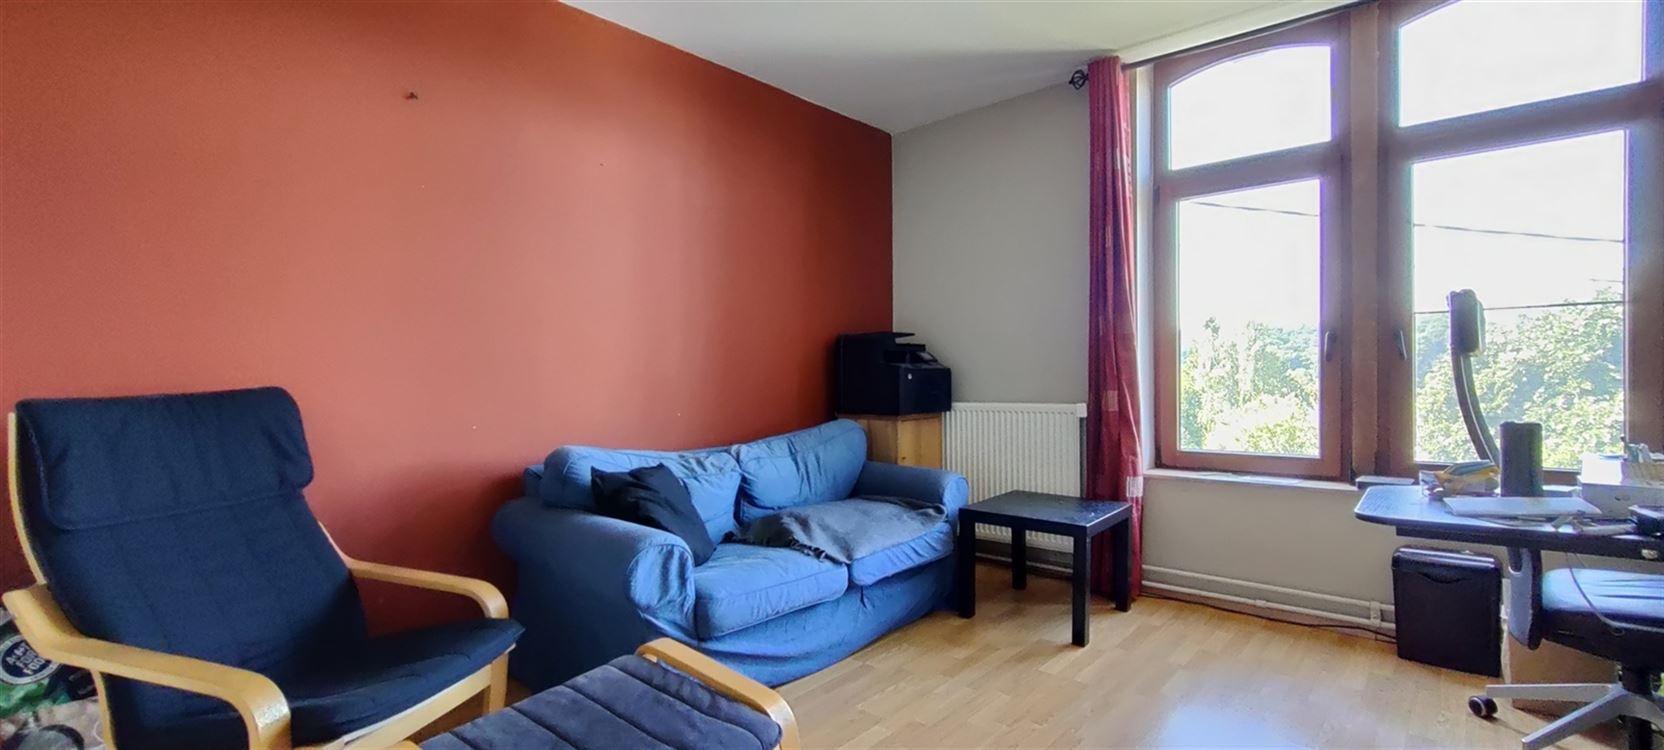 Foto 5 : Huis te 1490 COURT-SAINT-ETIENNE (België) - Prijs € 399.000